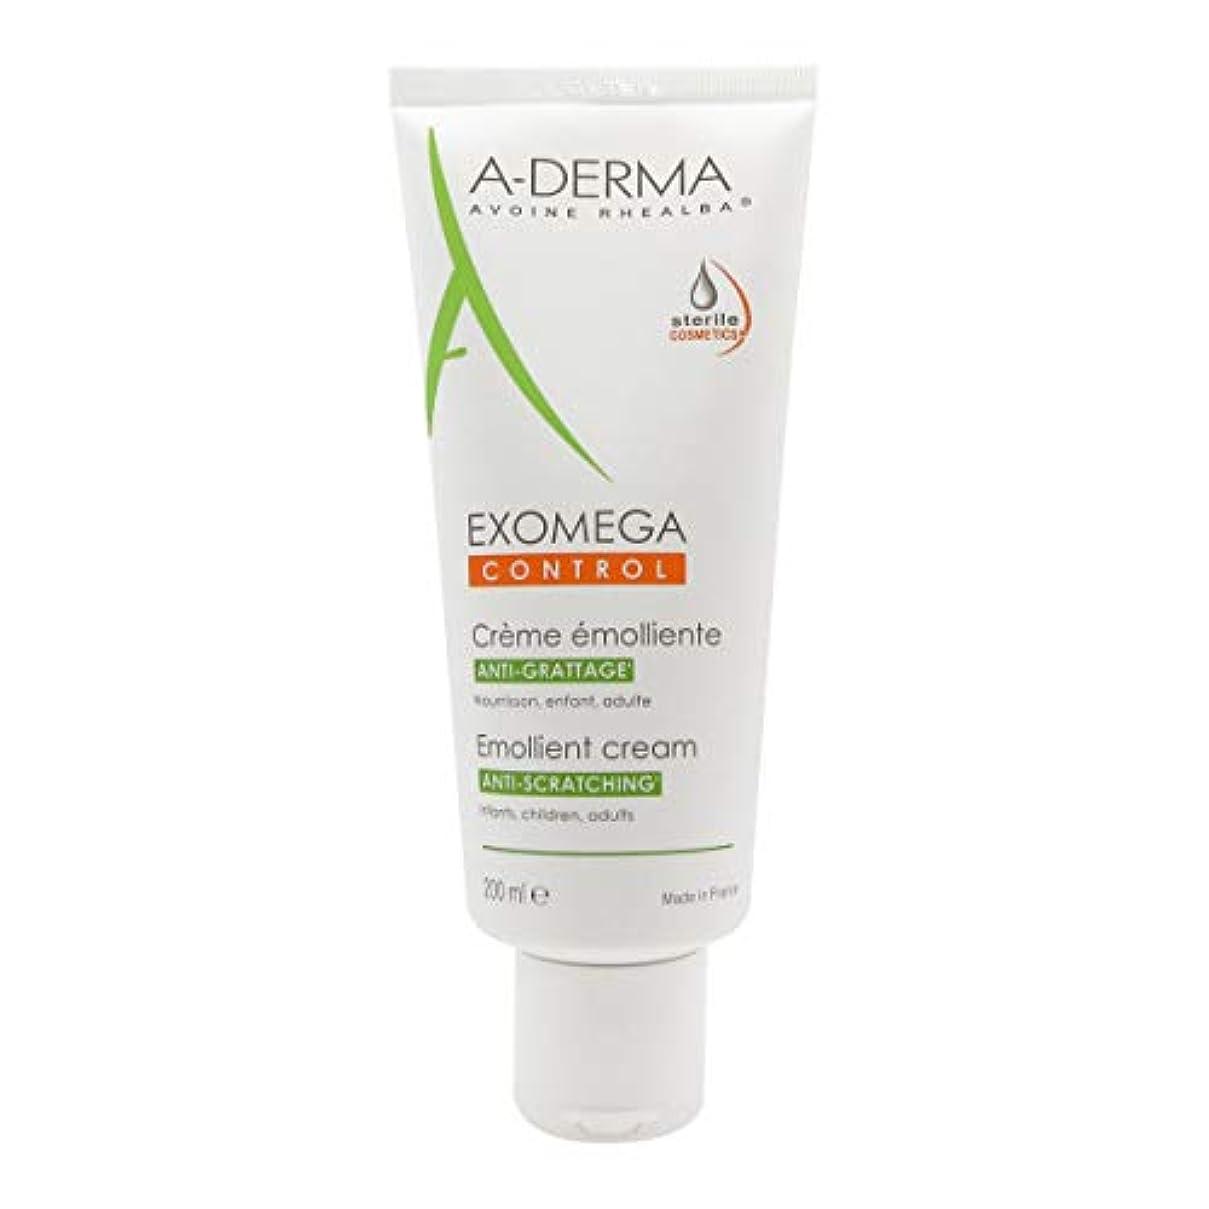 ワックス有名トークA-derma Exomega Control Emollient Cream 200ml [並行輸入品]